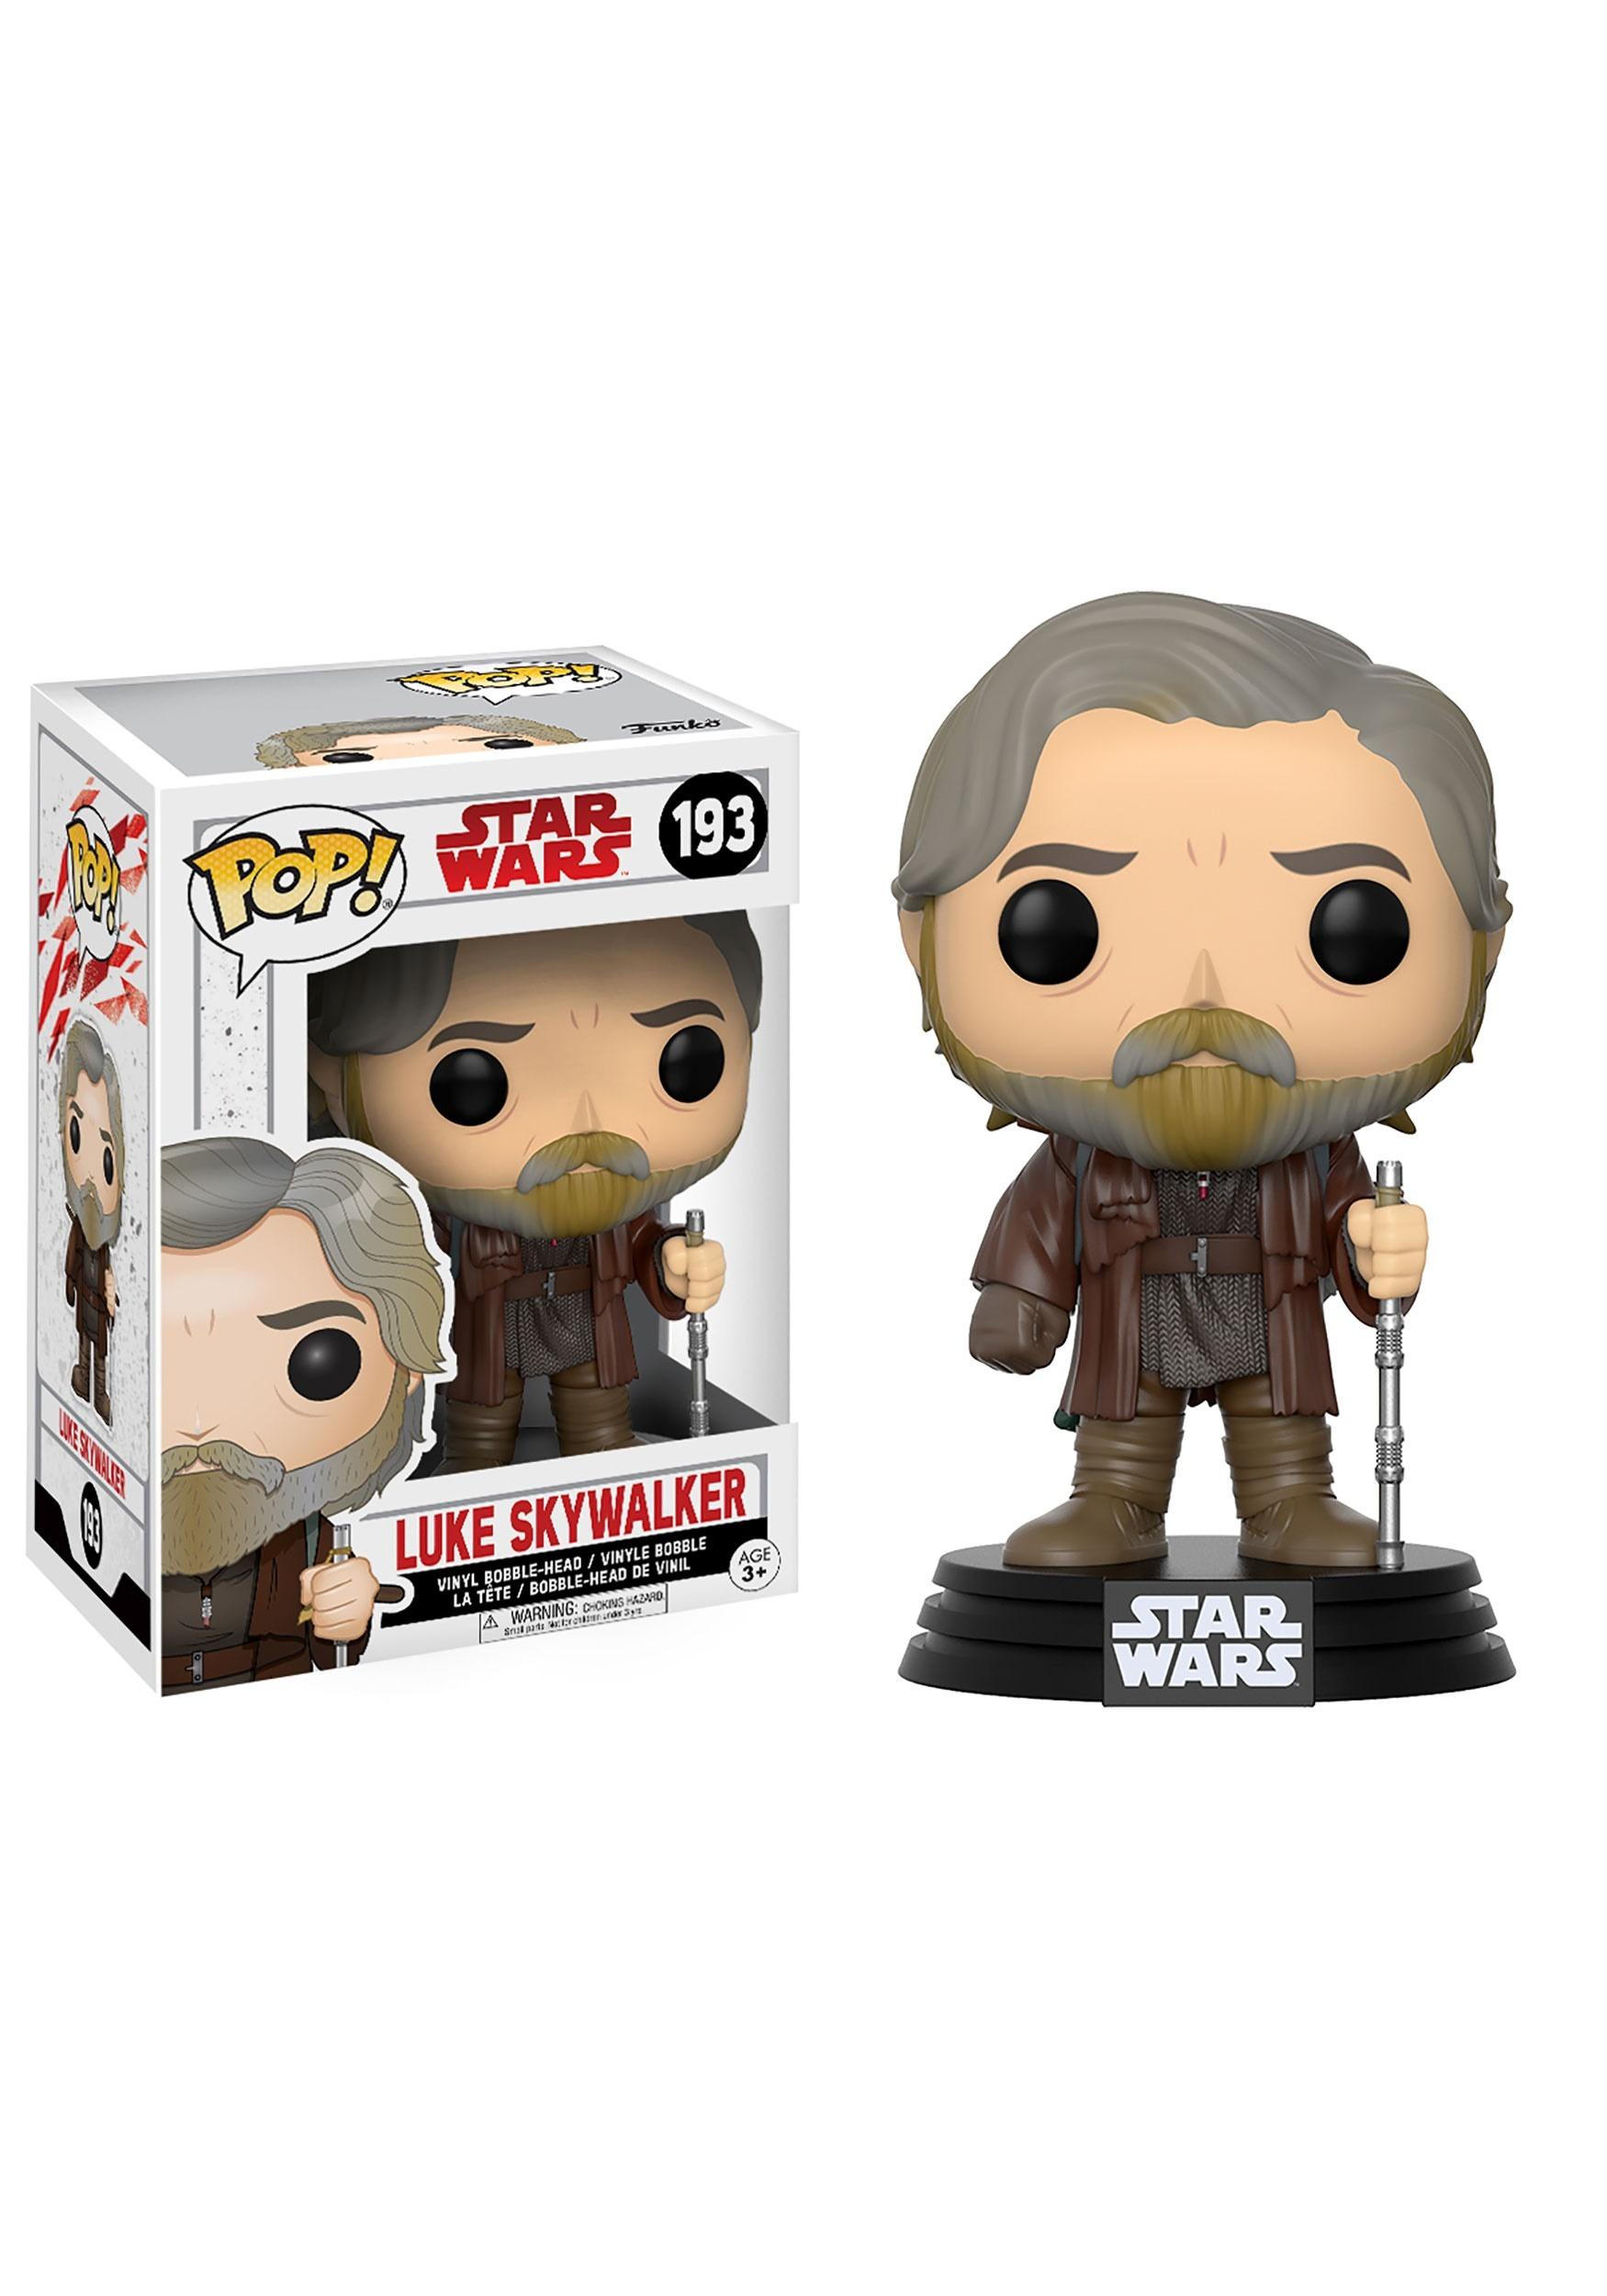 Star Wars The Last Jedi Funko Pop Luke Skywalker Bobblehead Figure FN14745